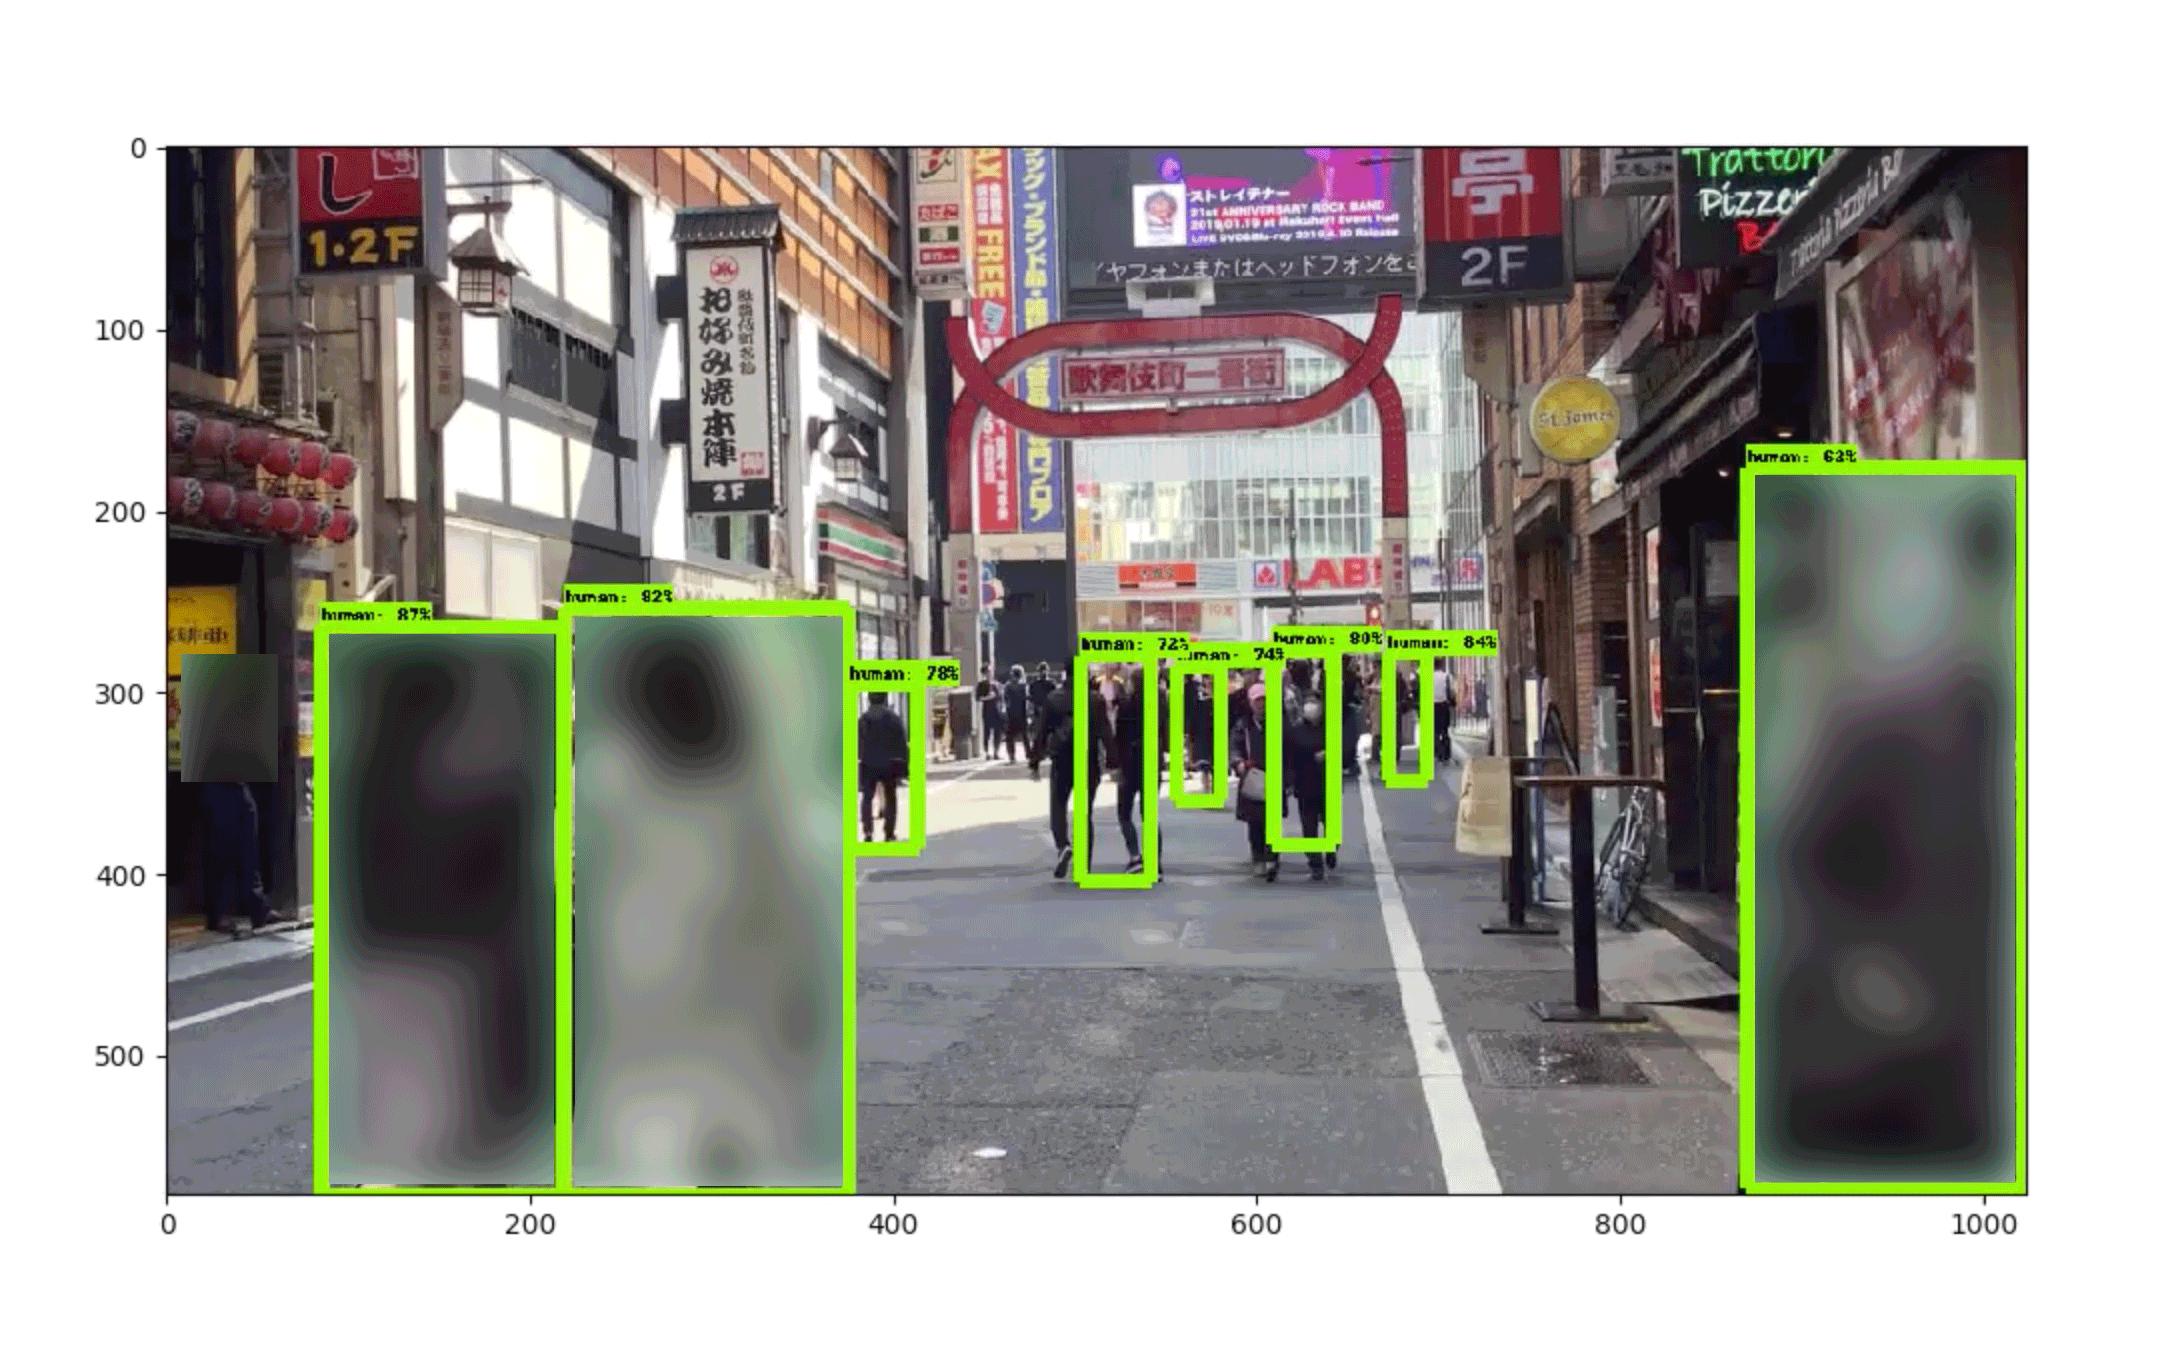 黄緑枠が人間として検出された部分